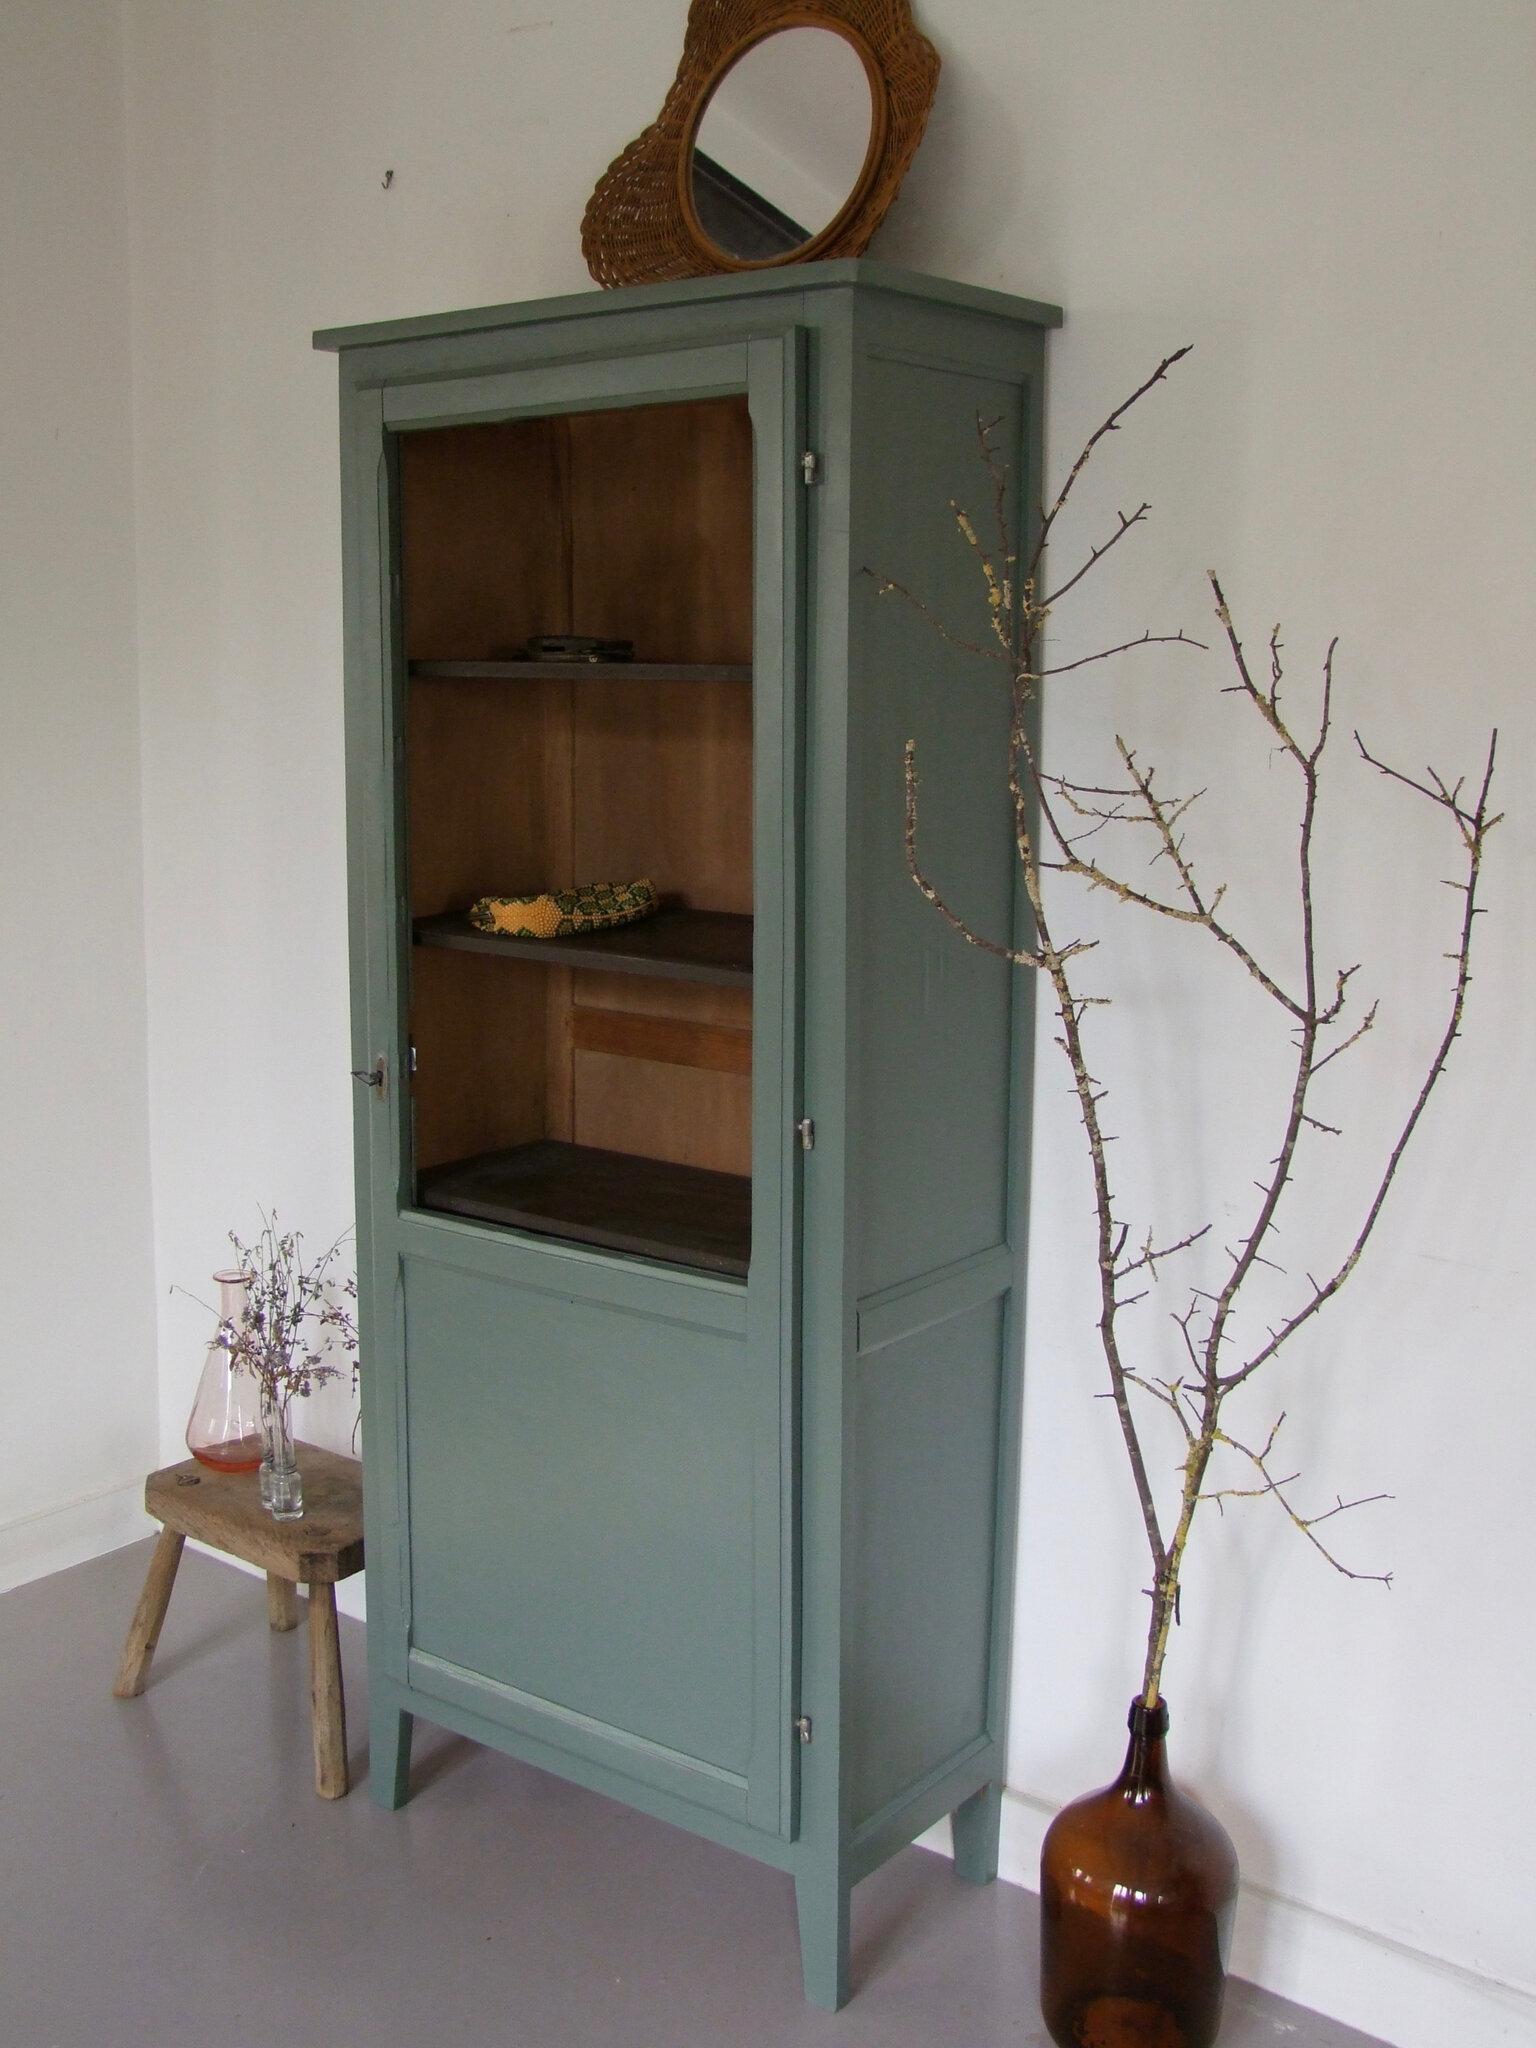 meuble d 39 occasion tous les messages sur meuble d 39 occasion meubles vintage pataluna chin s. Black Bedroom Furniture Sets. Home Design Ideas